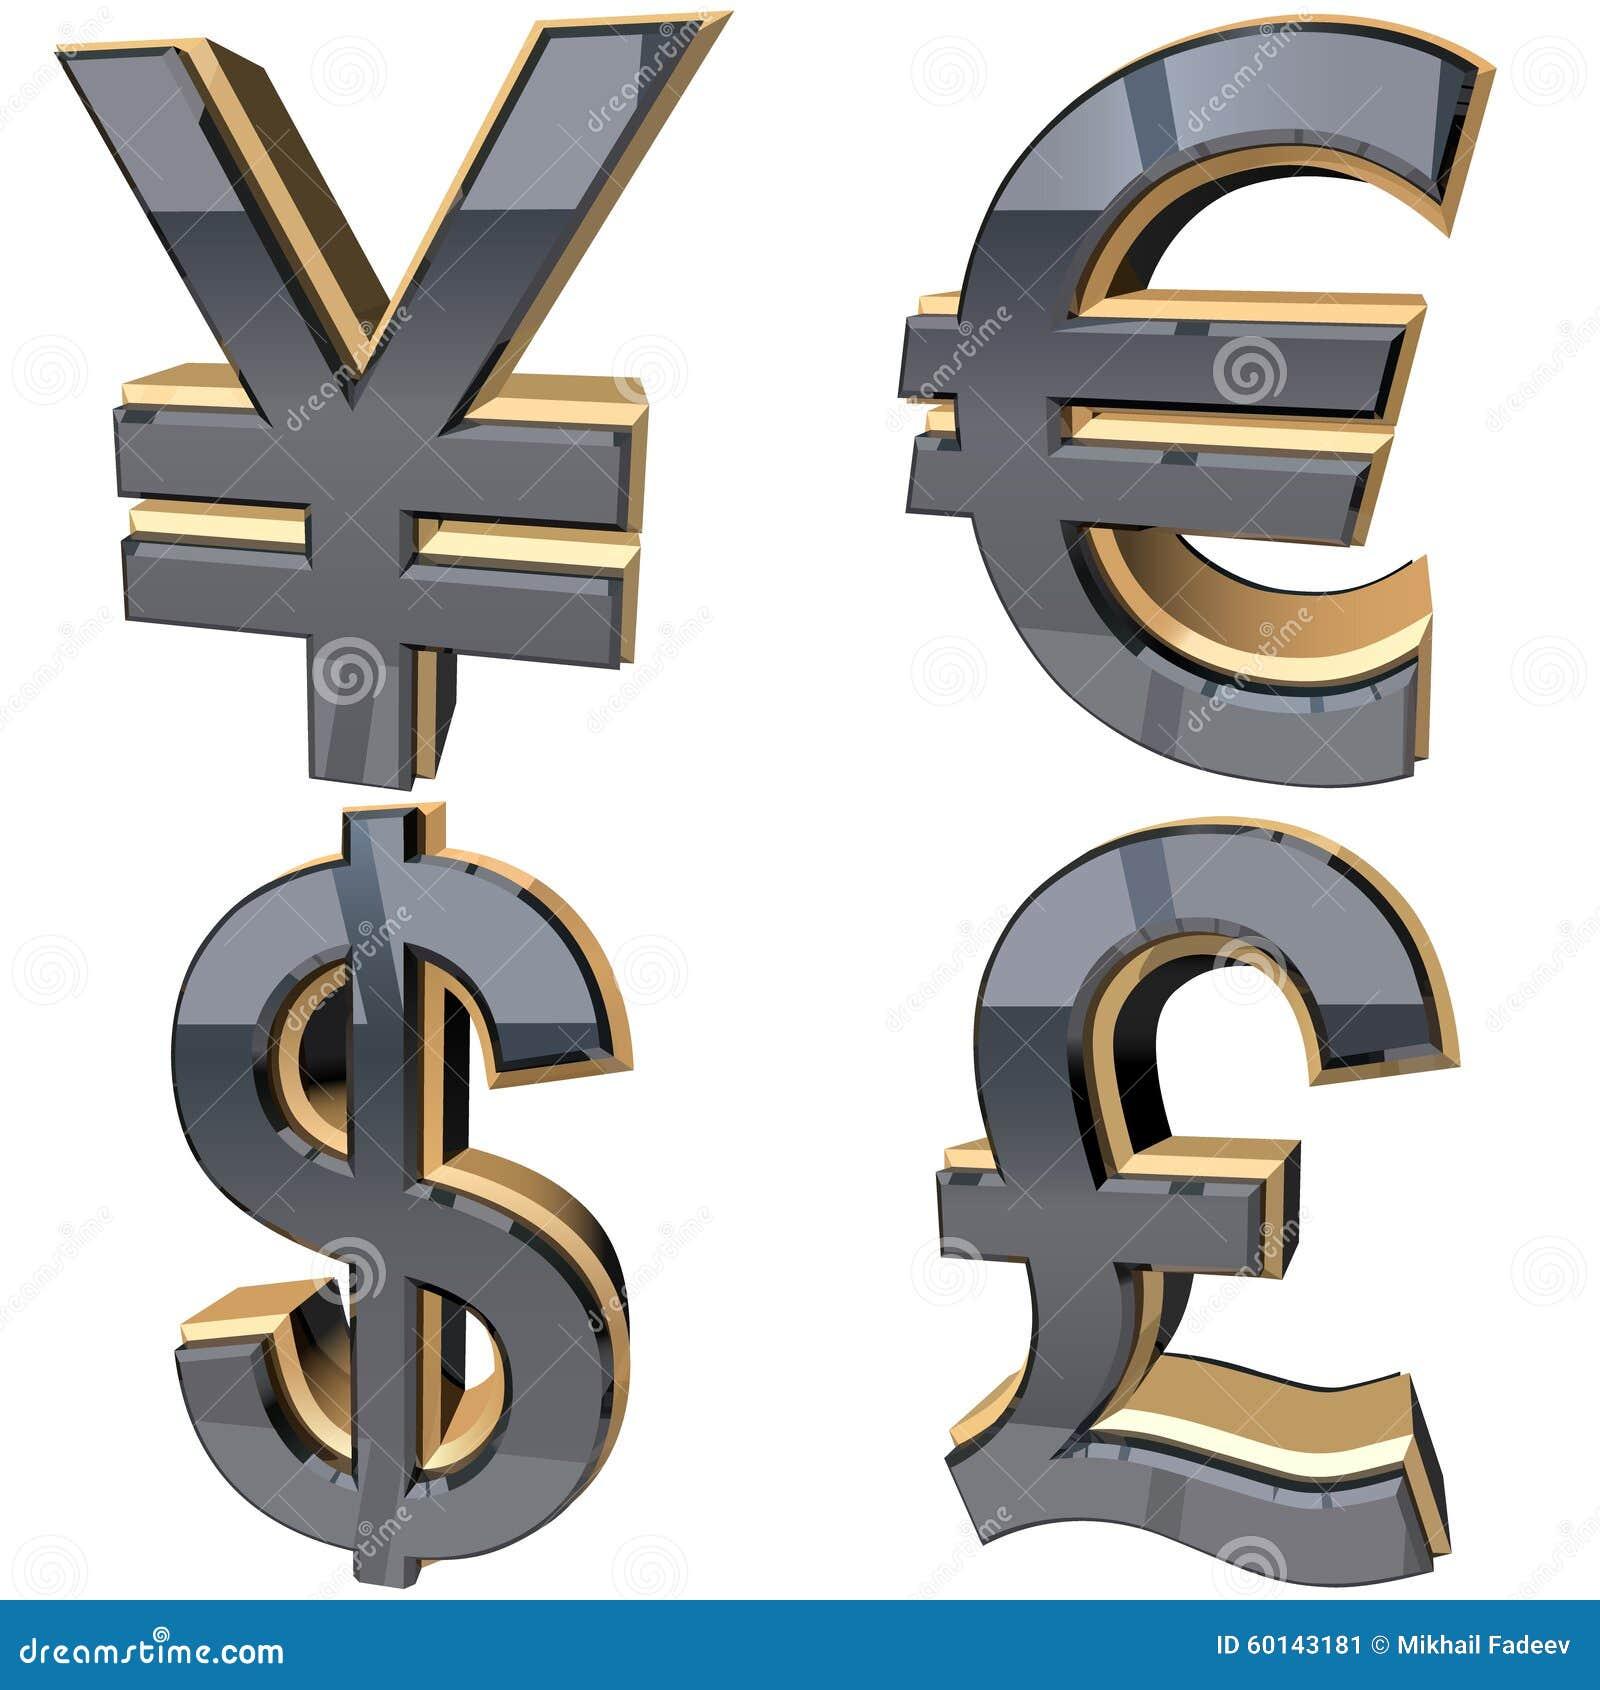 казани много, знаки валют смешные картинки все